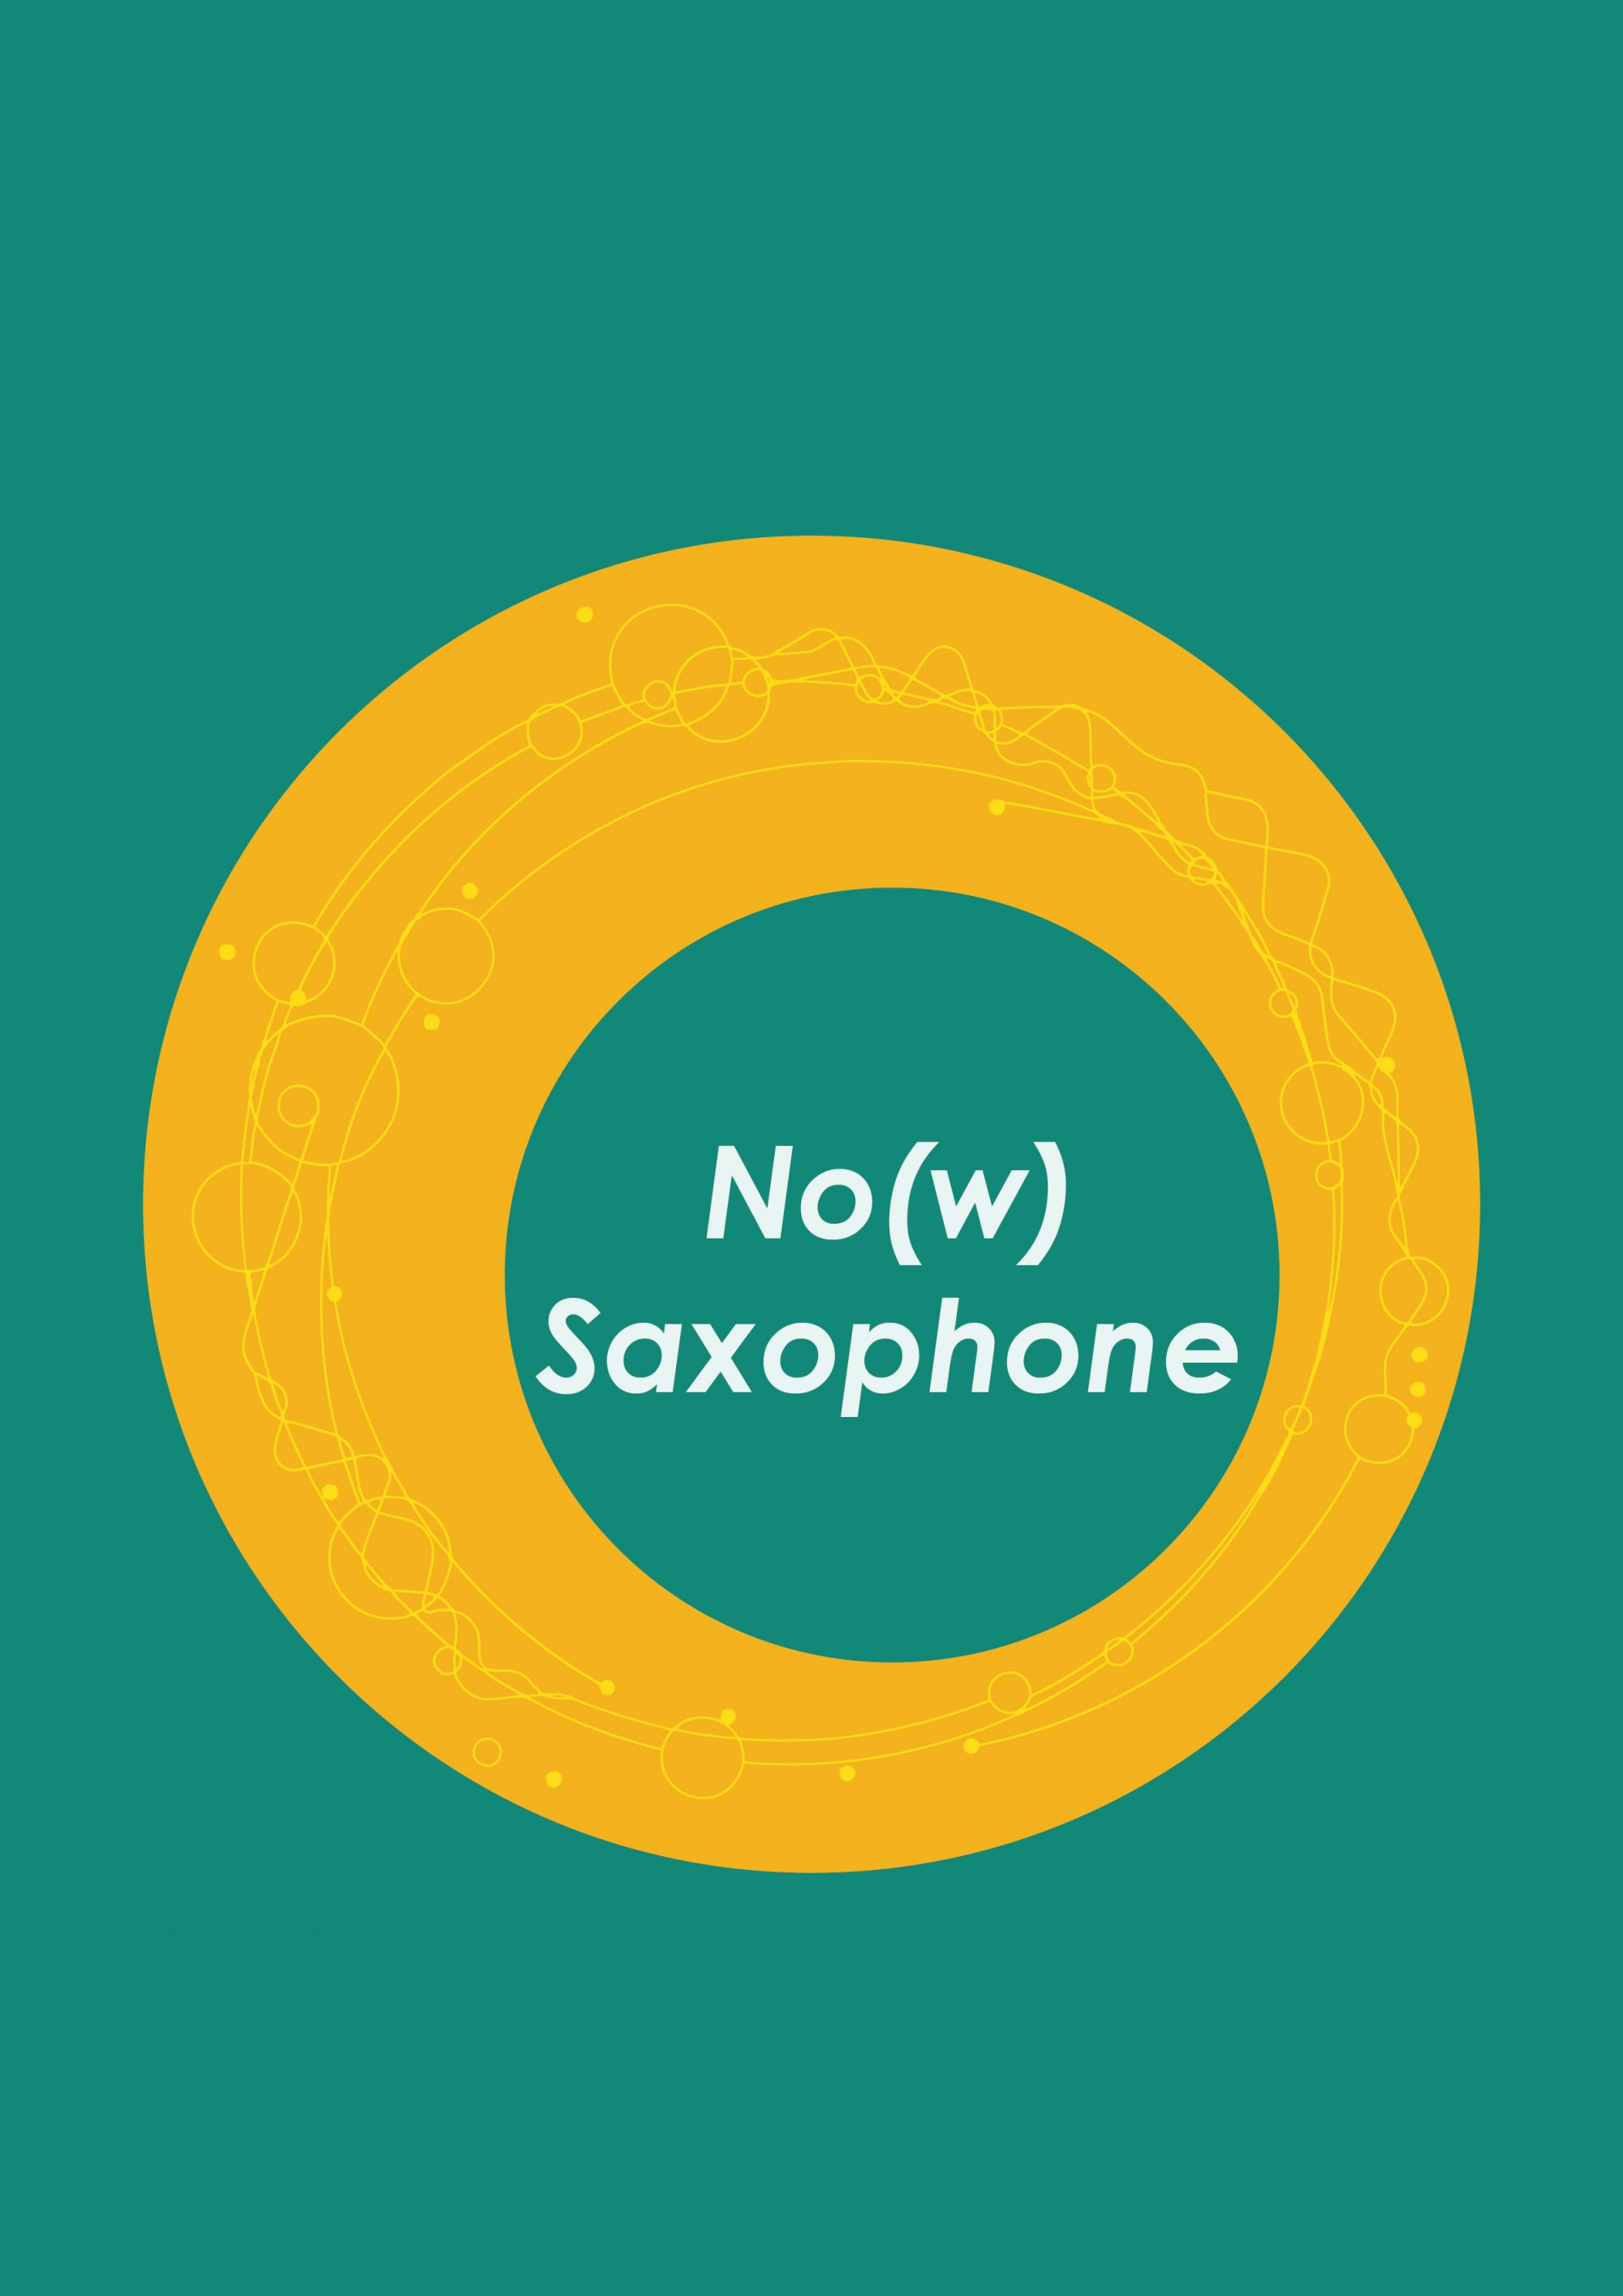 'No(w) Saxophone' 1